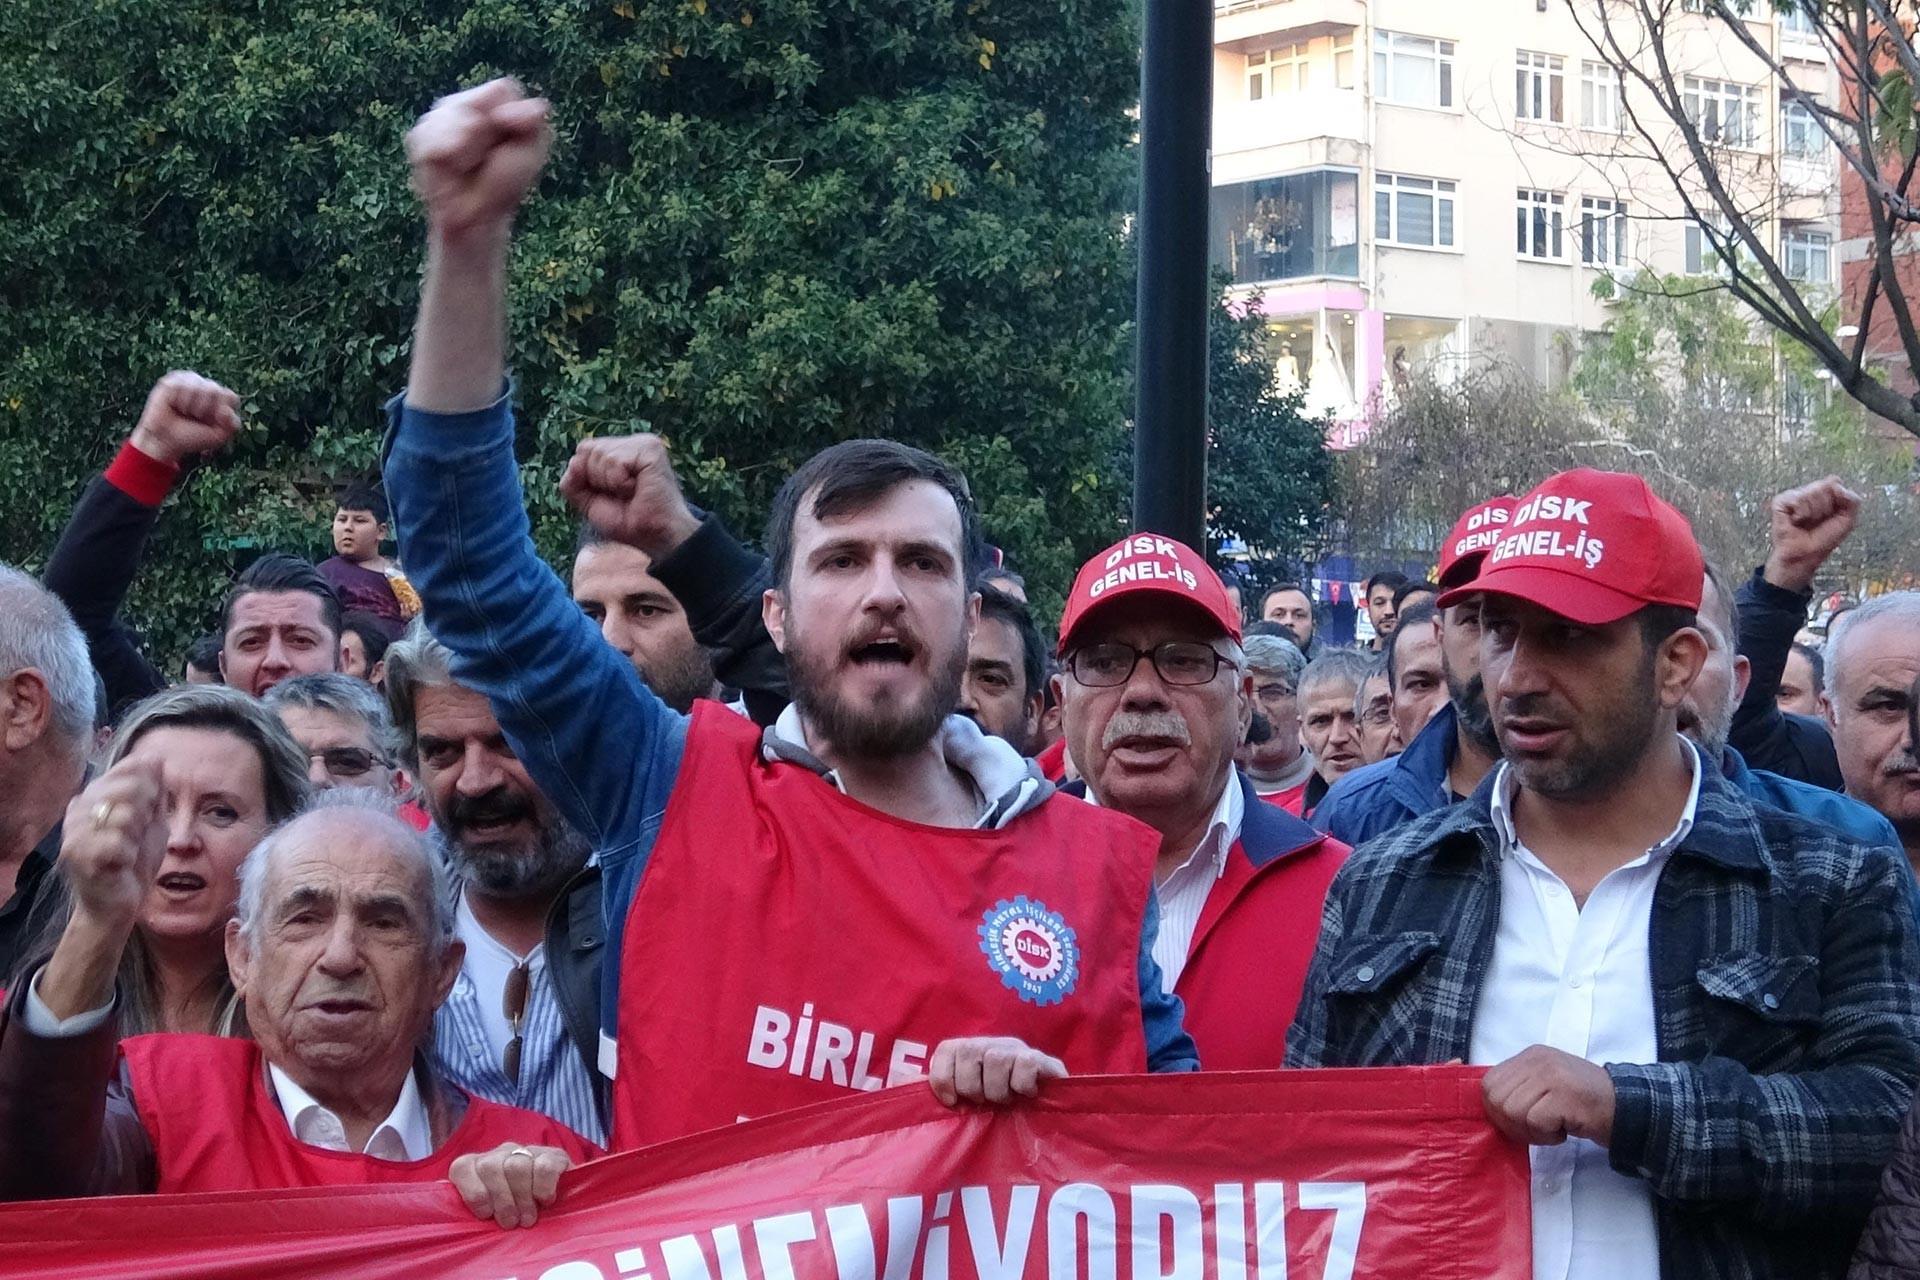 DİSK üyesi bir işçi basın açıklaması sırasında yumruğunu havaya kaldırarak slogan atarken